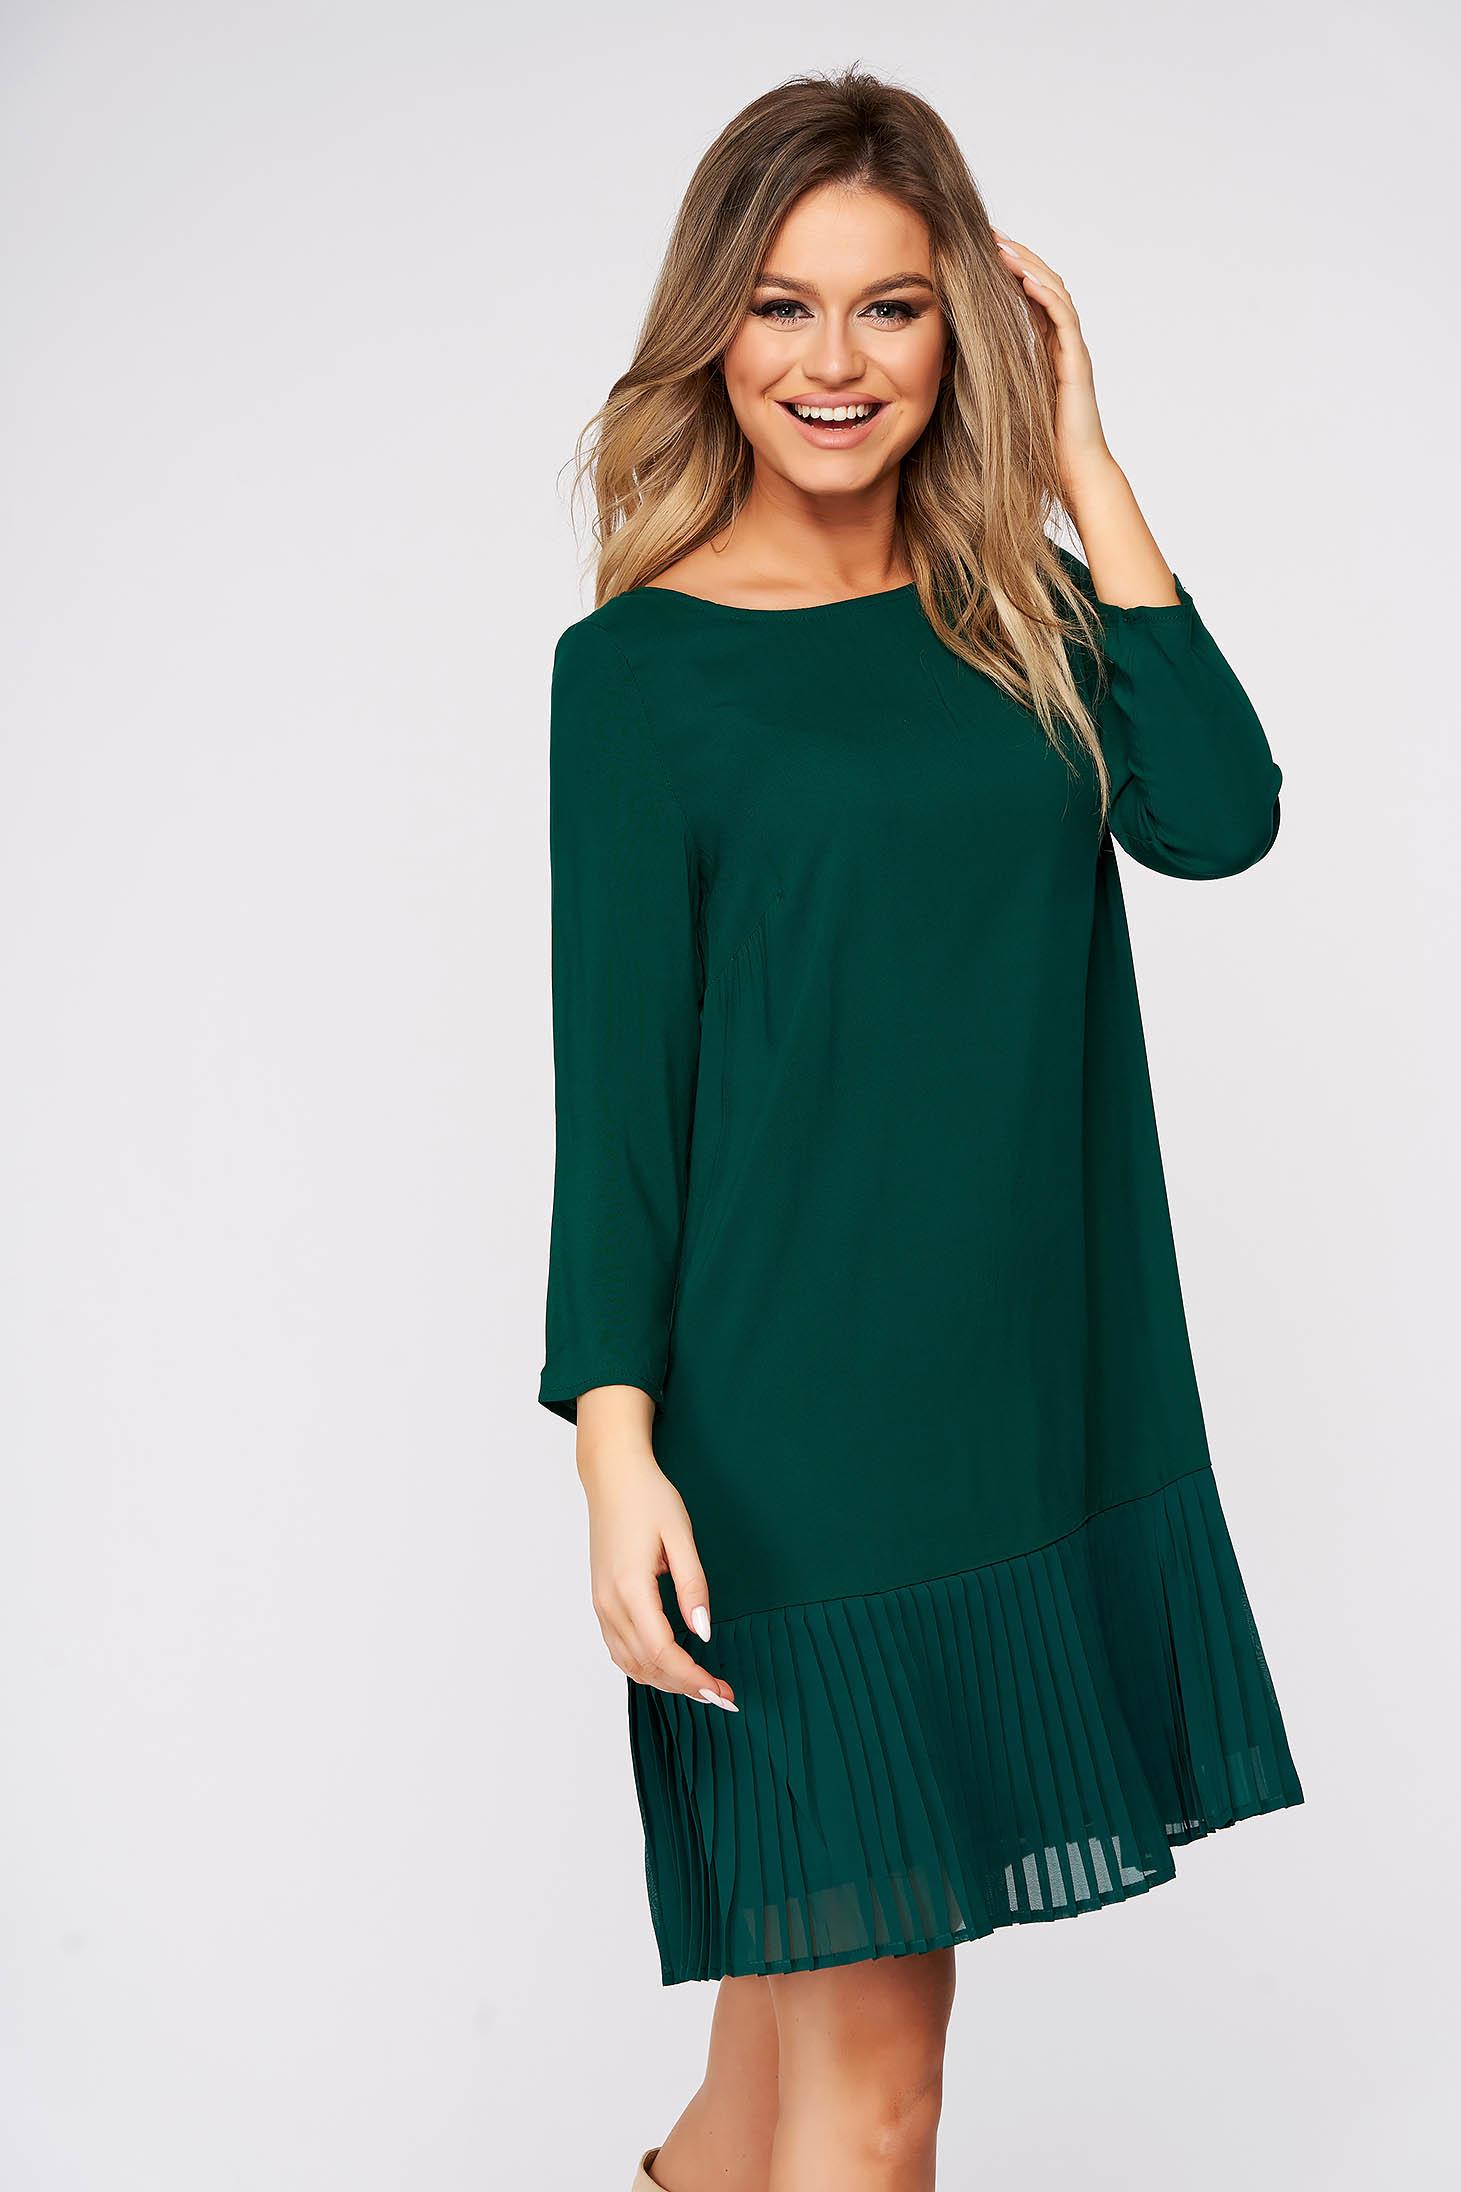 Zöld ruha rövid hétköznapi bő szabású fodros